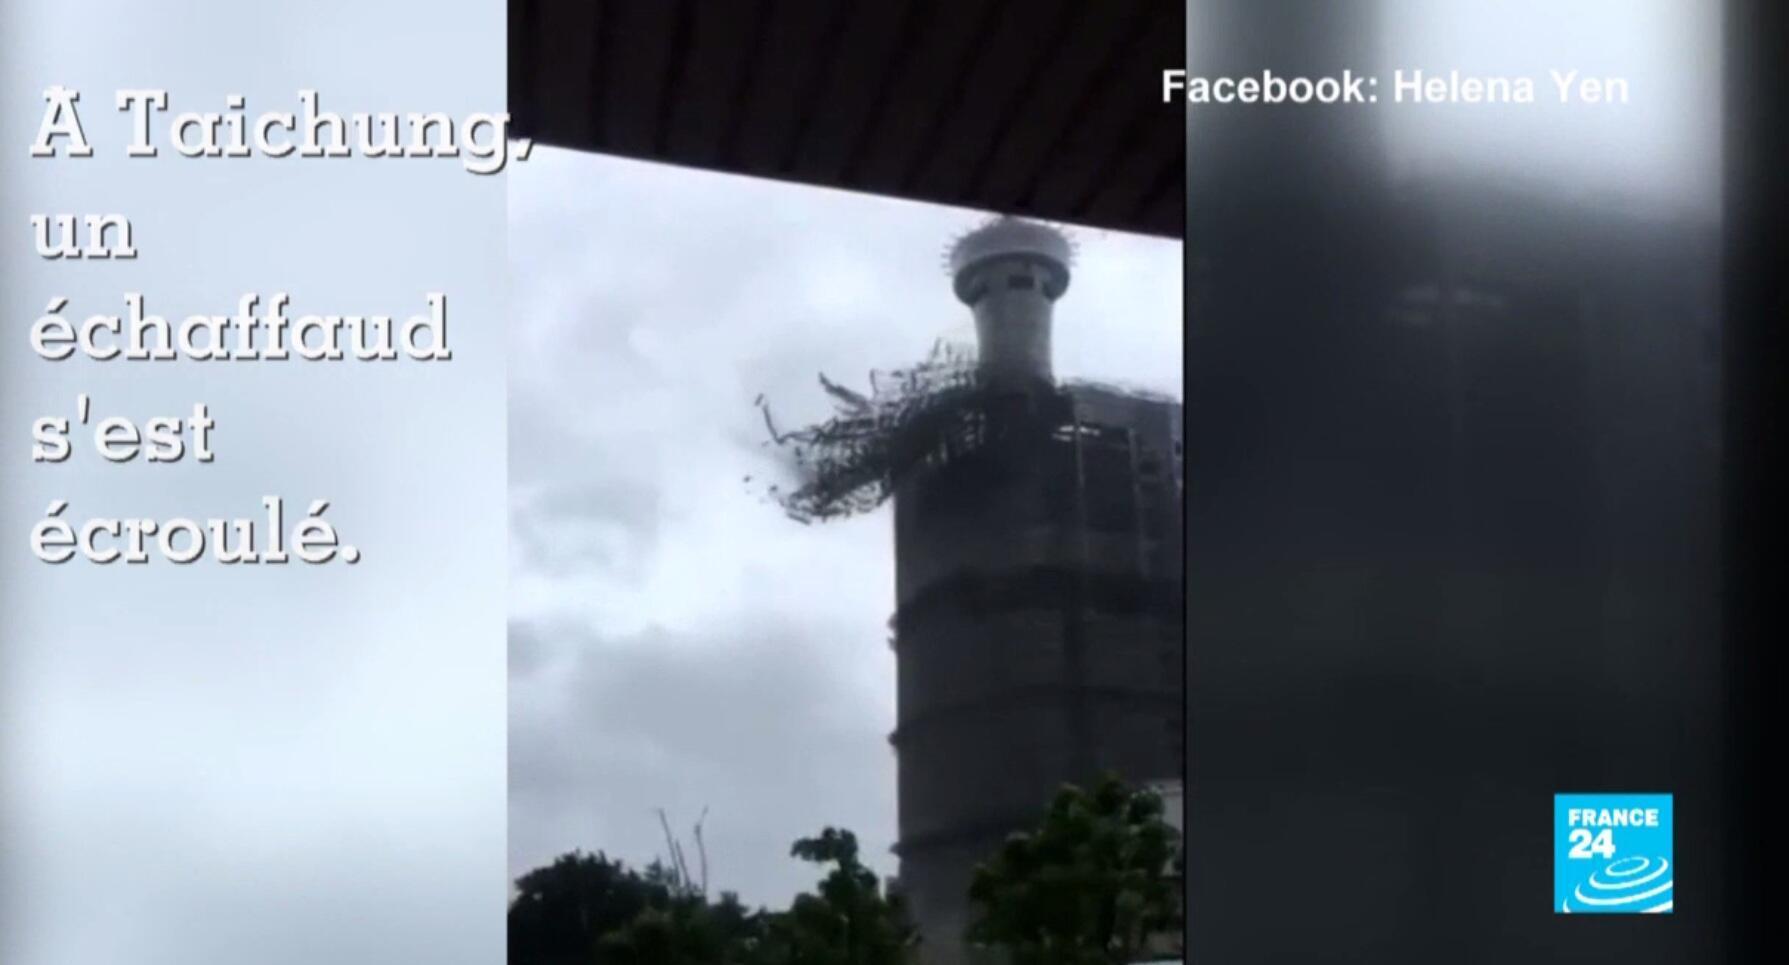 Un second typhon a frappé Taiwan mercredi 28 septembre, après le typhon Meranti il y a quinze jours.